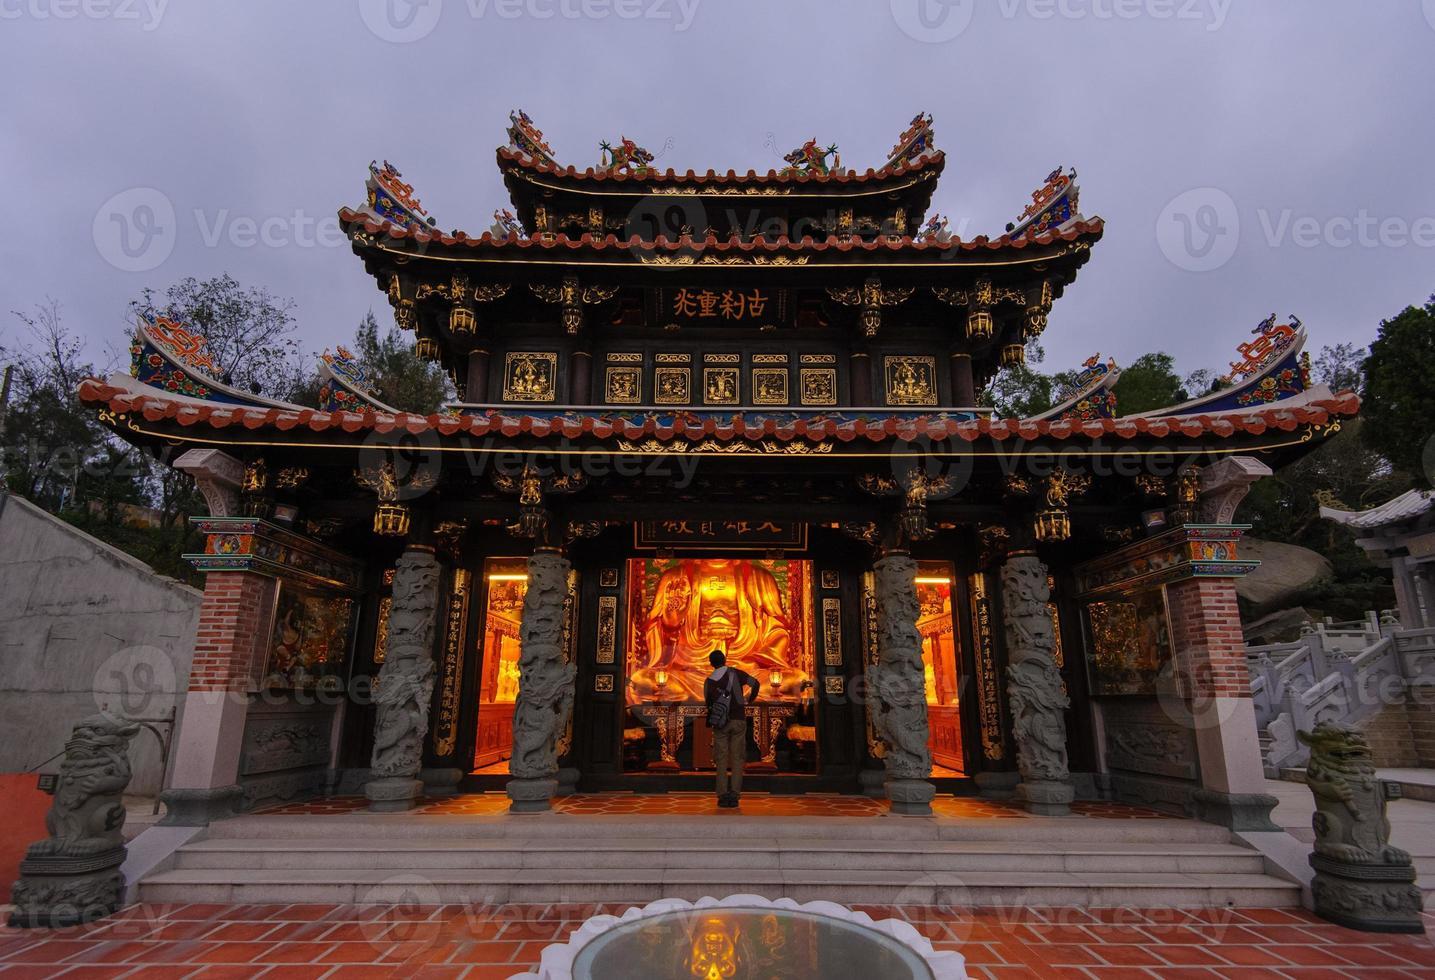 traditioneller chinesischer Tempel foto